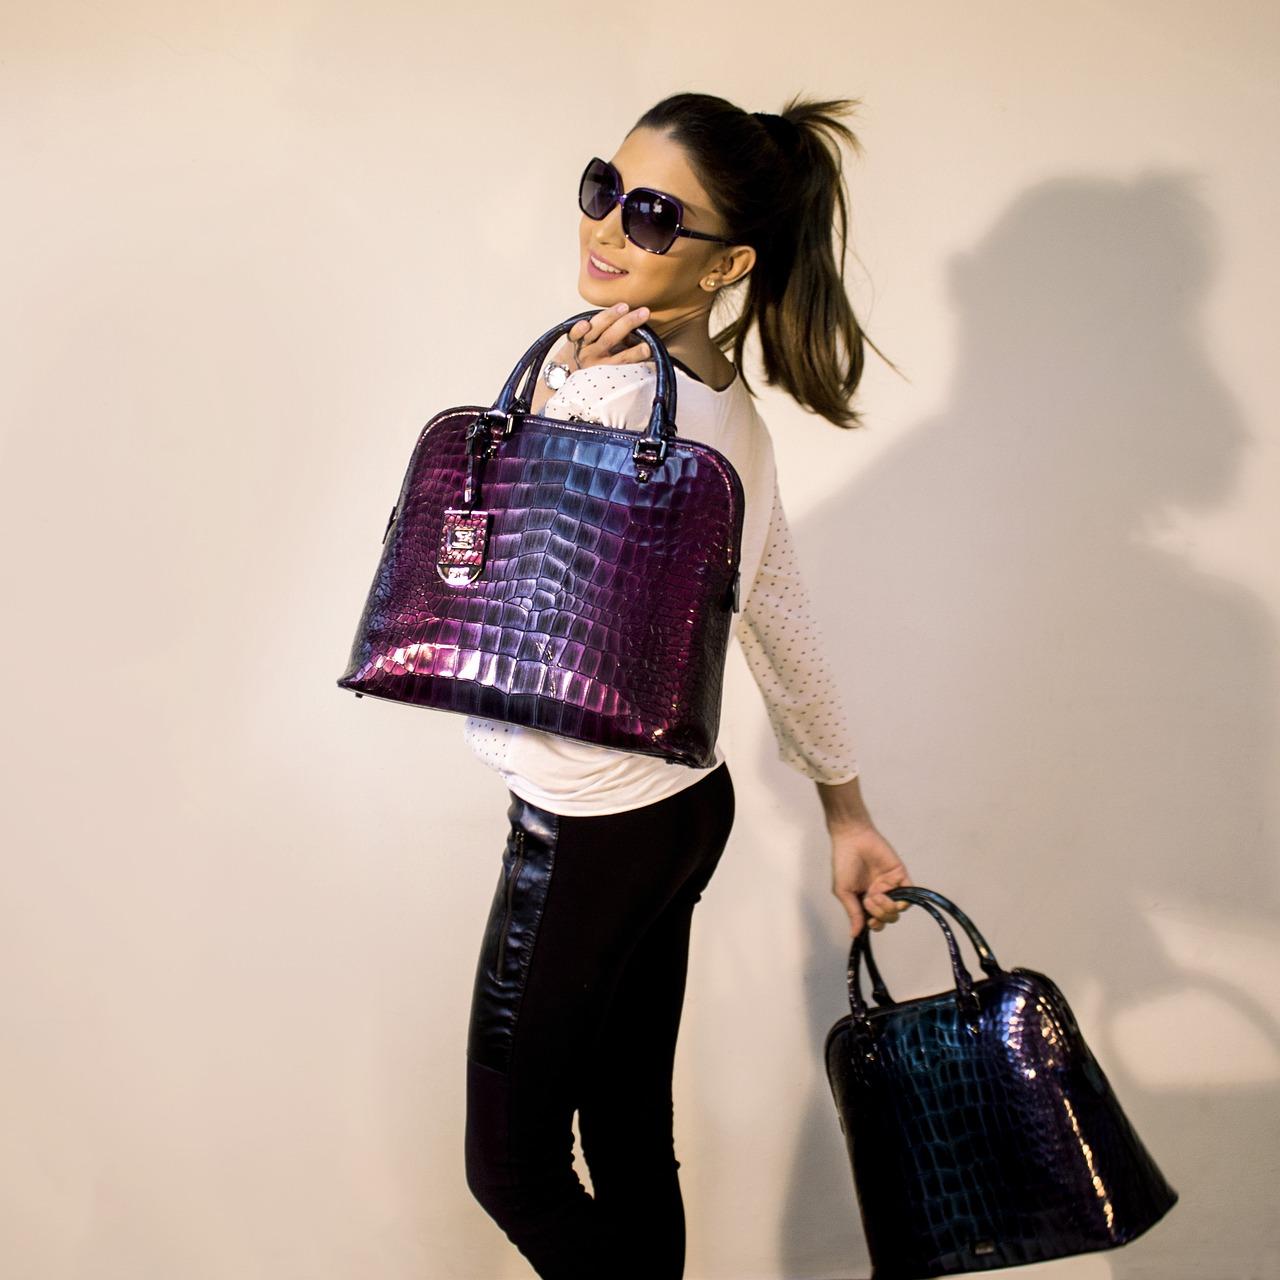 Szare torebki – House torebki wygodny minimalizm, Mohito torebki z przymrużeniem oka, a może torebki polskich projektantów?